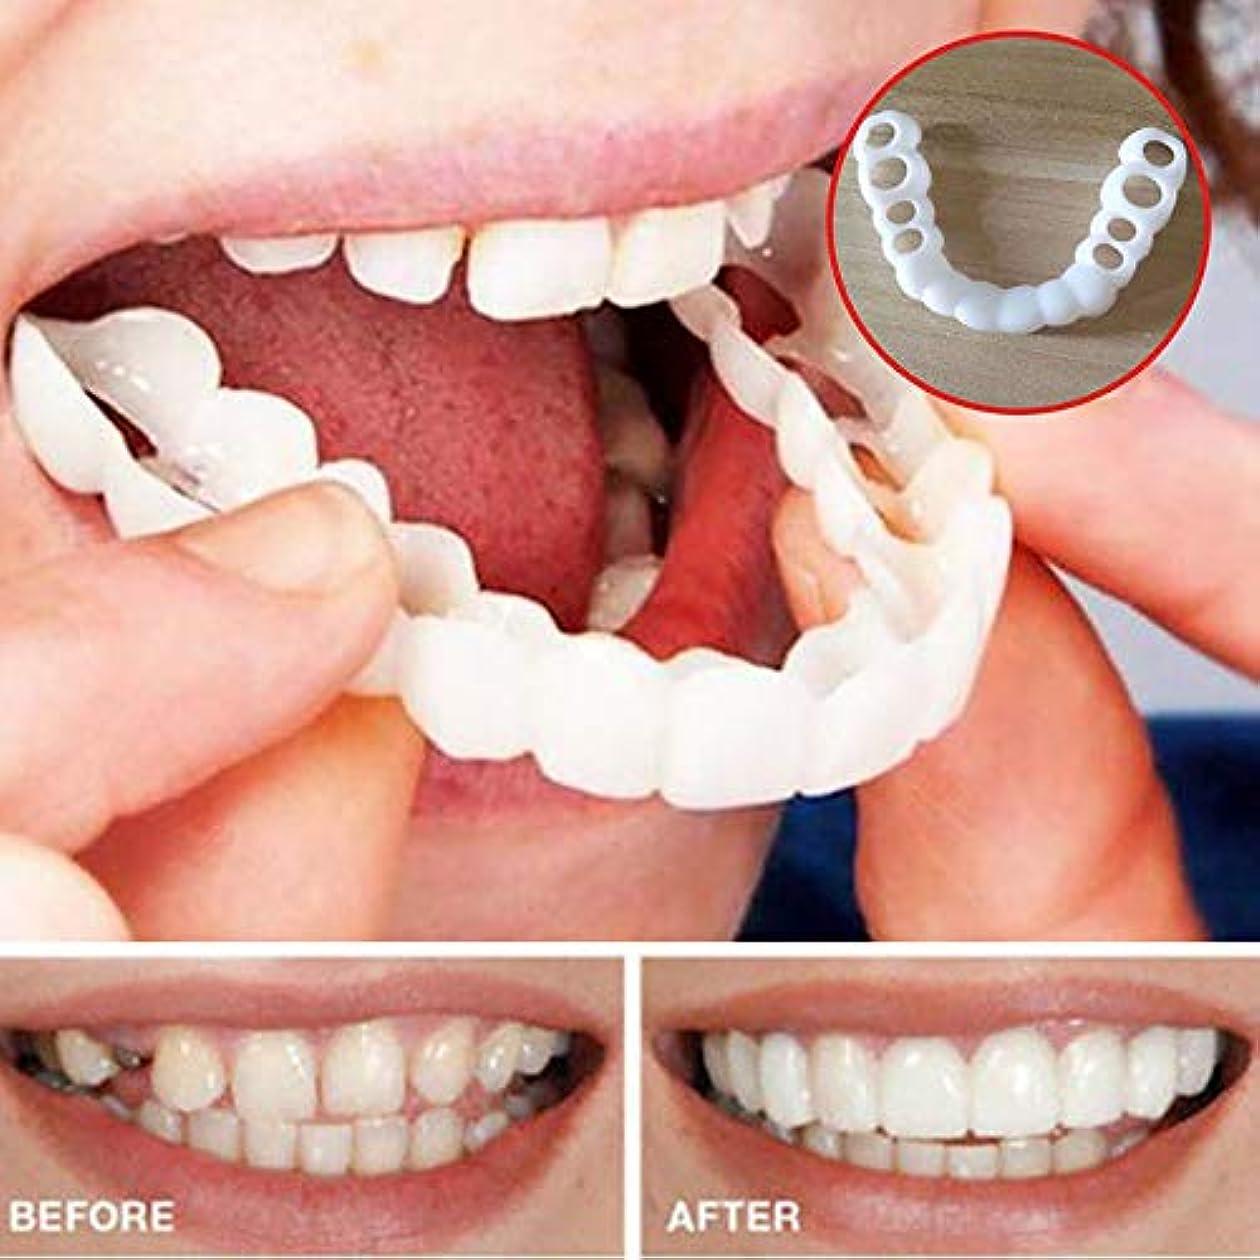 校長ゲインセイ経済快適な笑顔義歯カバーフィットFle歯偽ベニアカバー歯ホワイトニングスナップオン笑顔歯化粧品義歯 - 4ペア